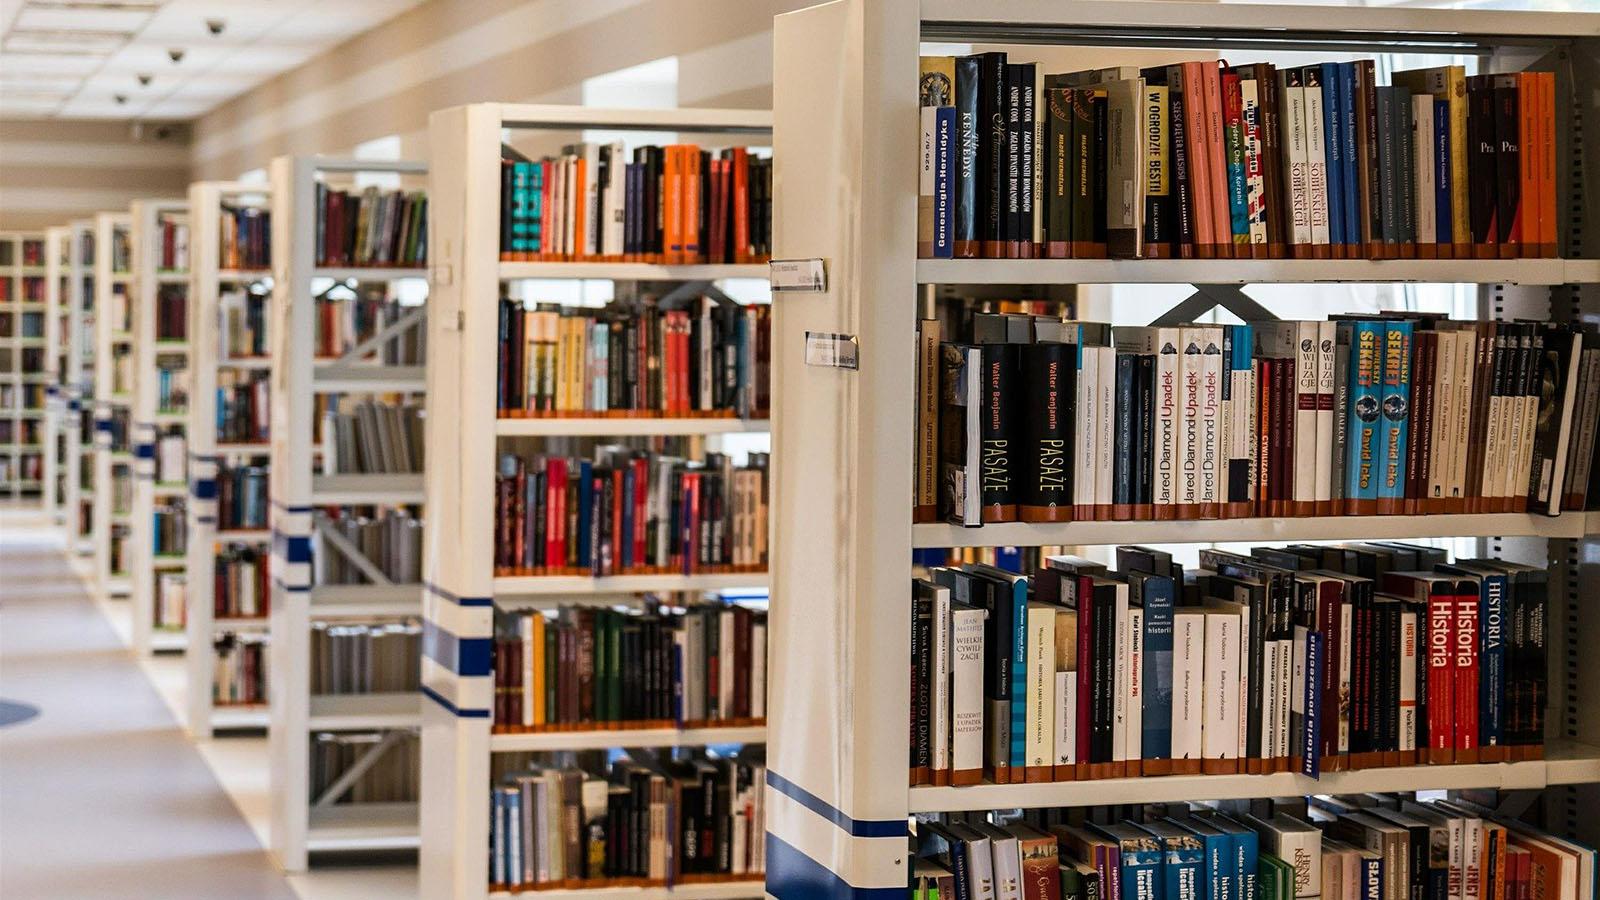 bibliotheque-labarredemonts